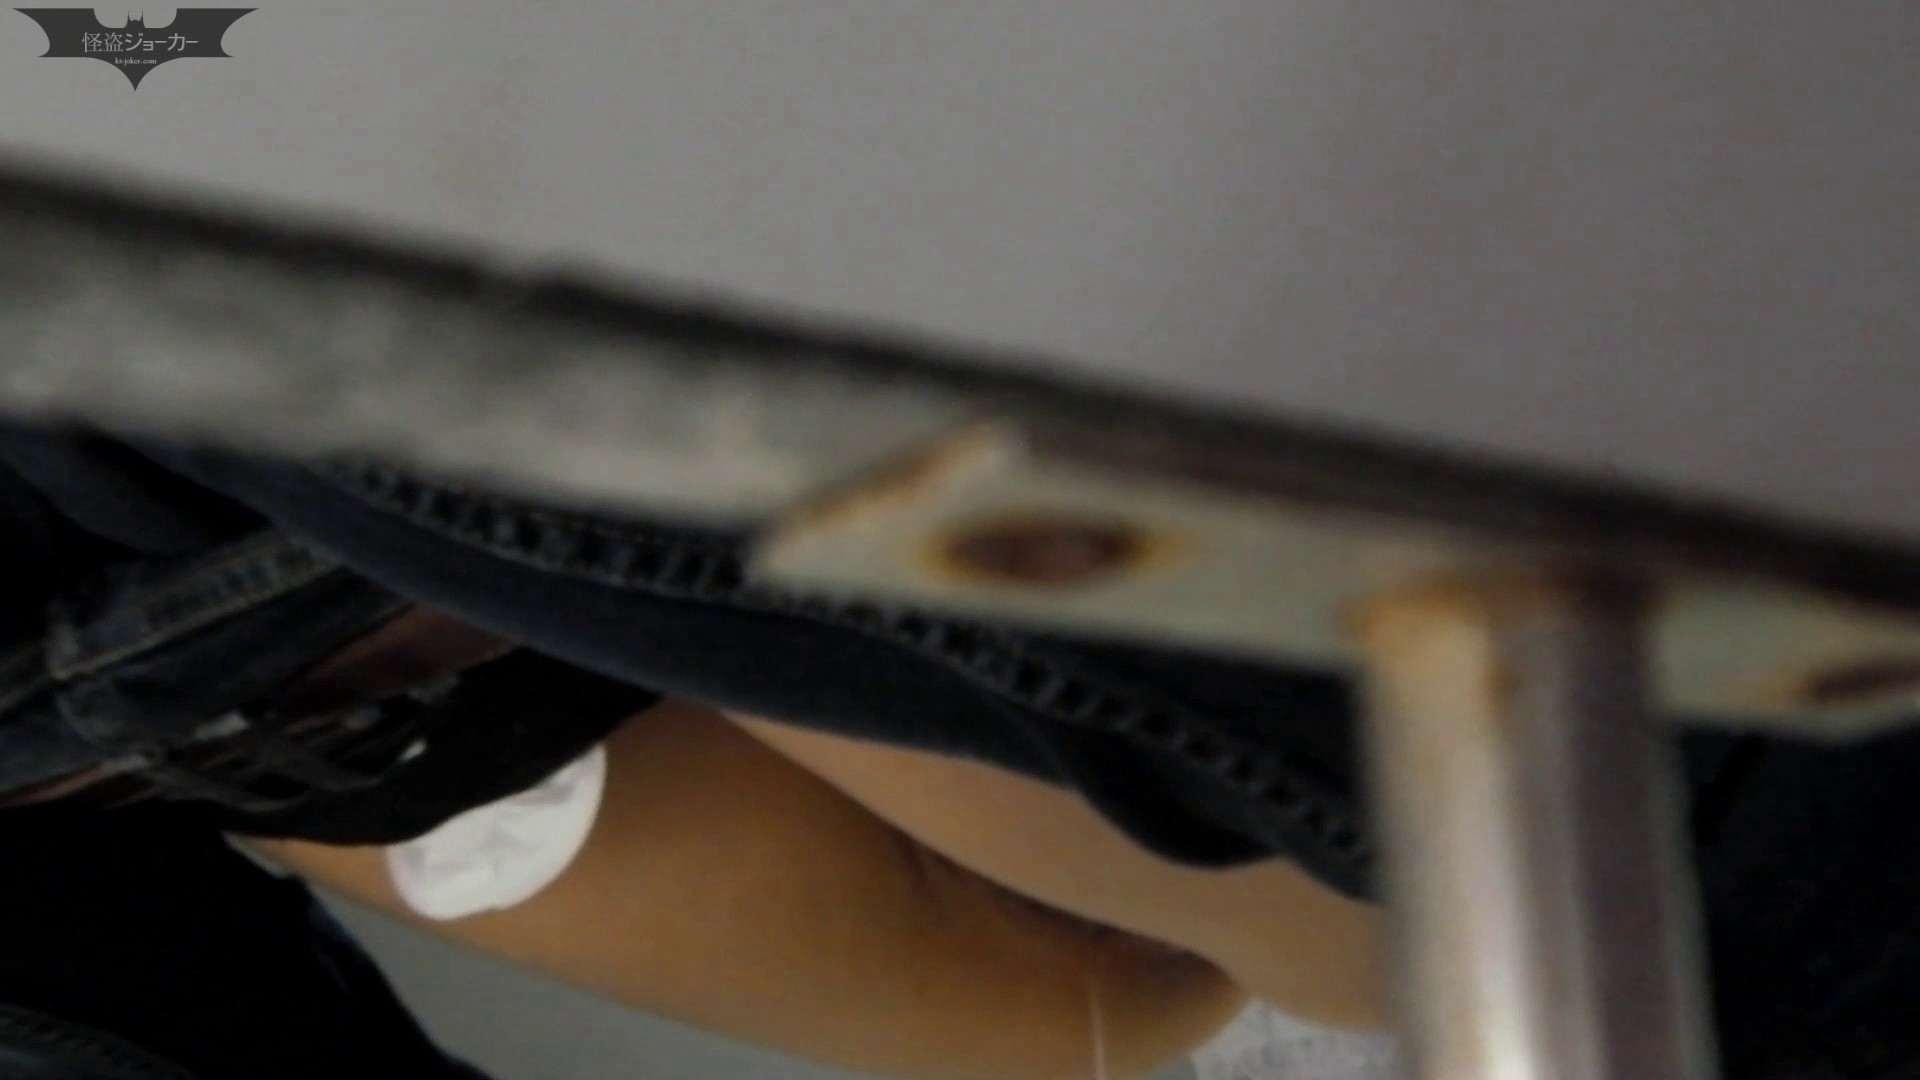 「洗面所突入レポート!!」vol.56まず並ぶ所から!決して真似しないでください 洗面所シーン オマンコ動画キャプチャ 83画像 12